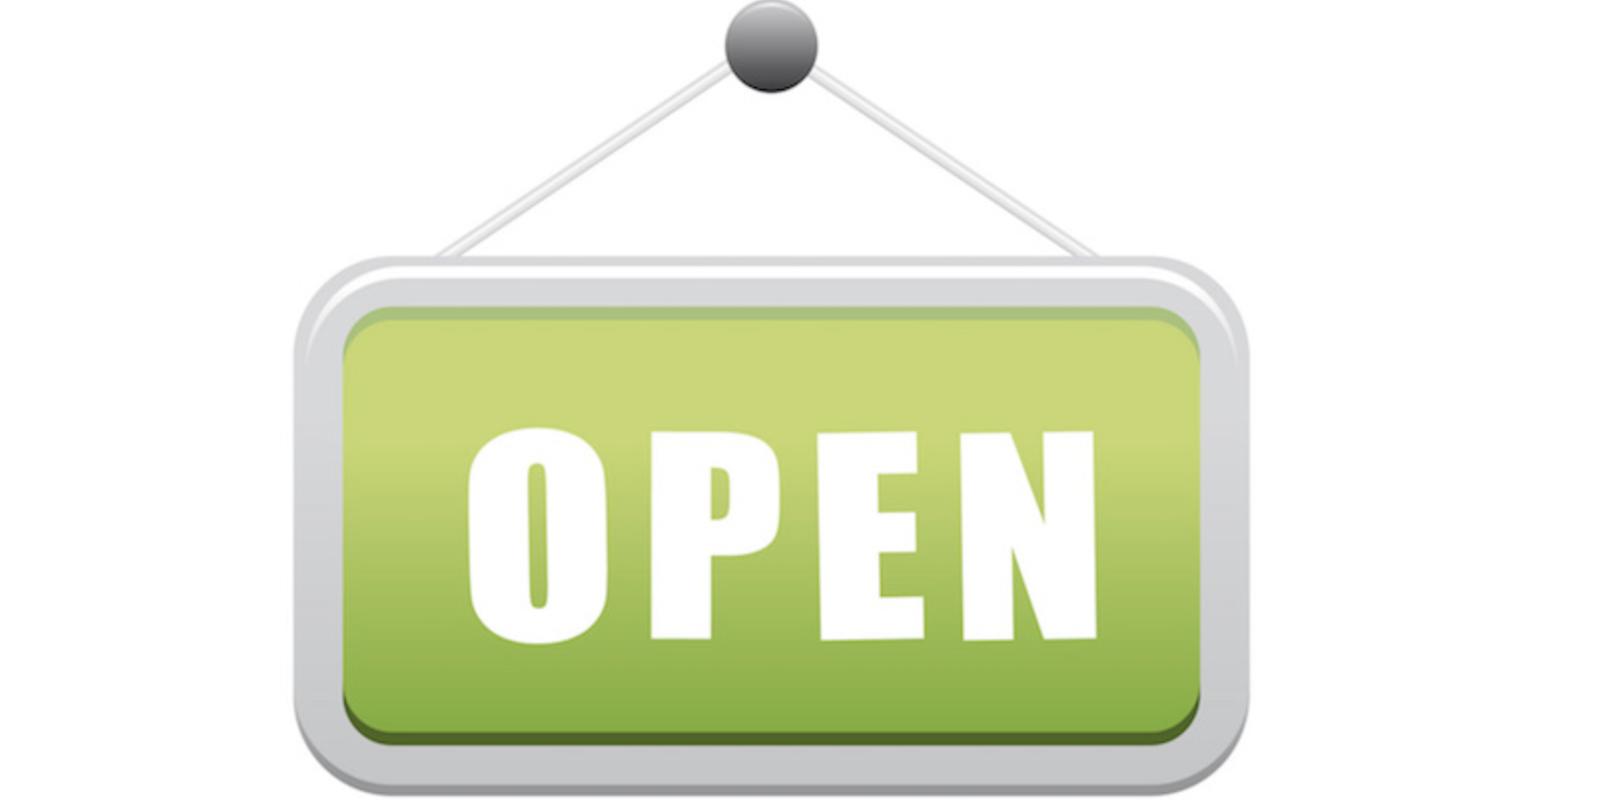 open-uriによるWebクローリング入門